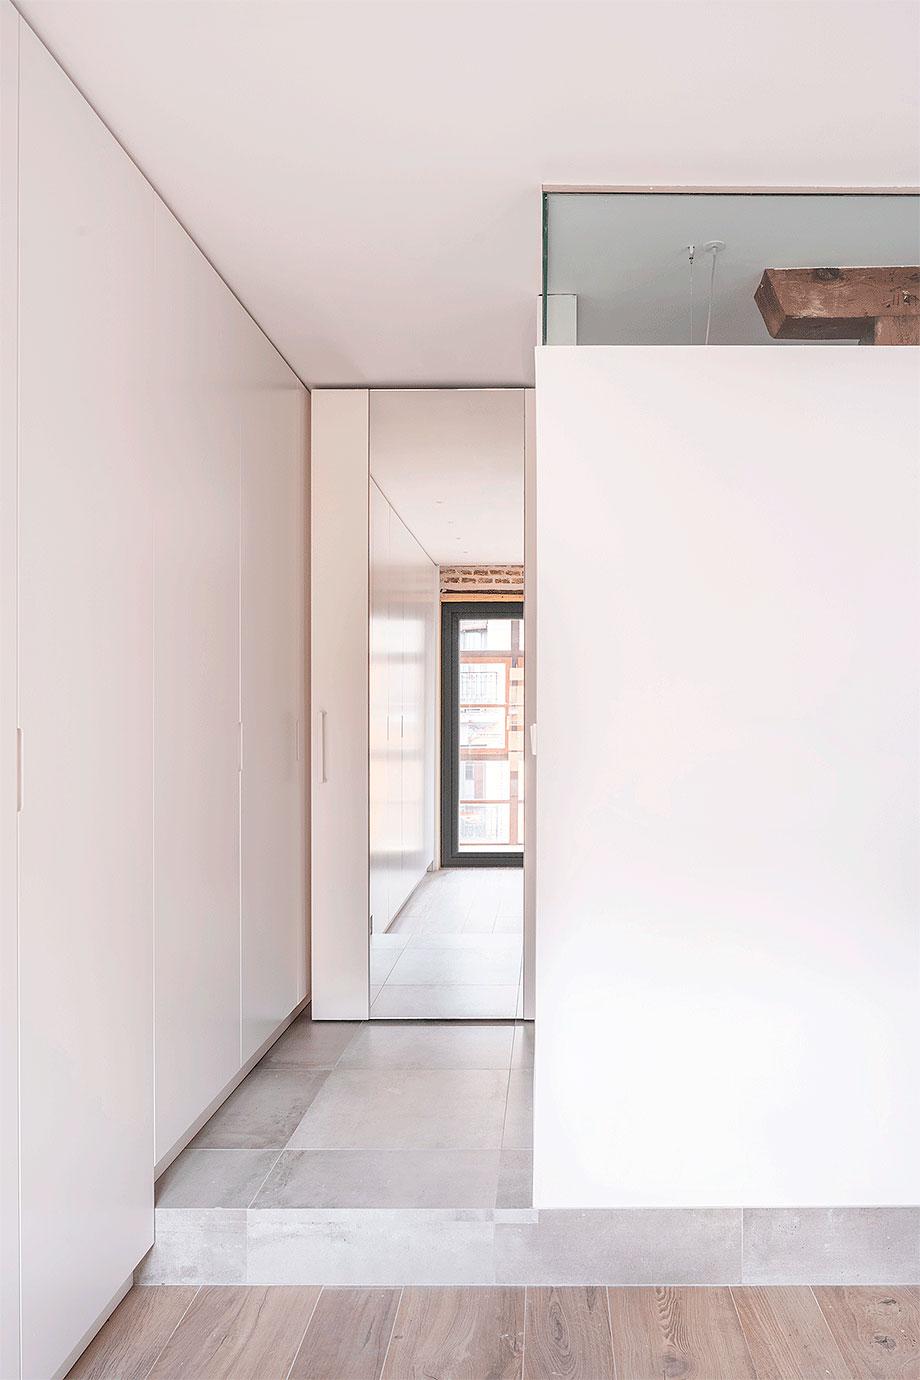 reforma en valladolid de made.v arquitectos (4) - foto javier bravo